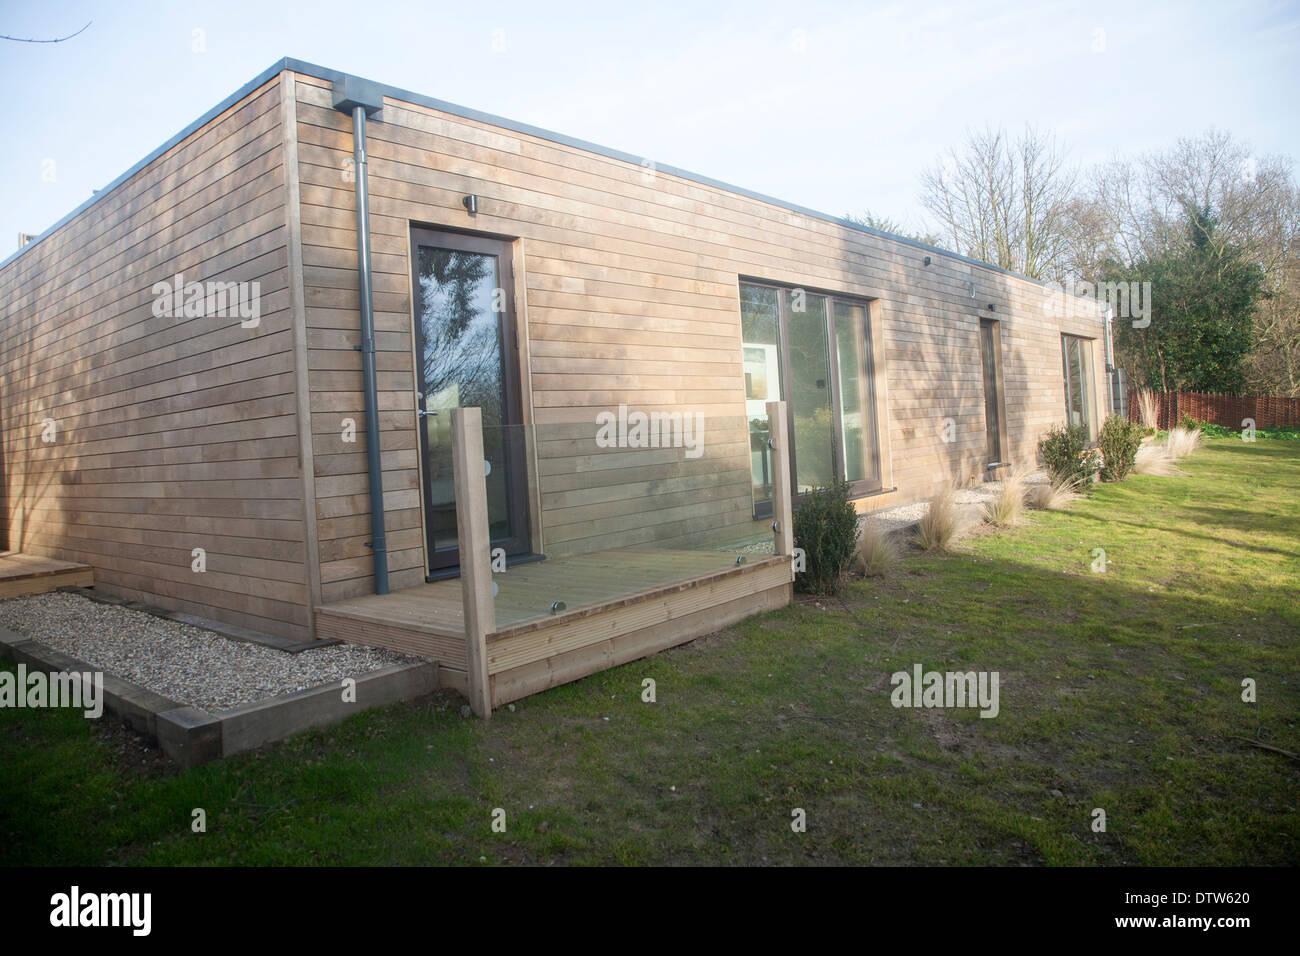 Eiche Verkleidung Wände der modernen neu gebaute nachhaltige Haus an Snape, Suffolk, England Stockbild